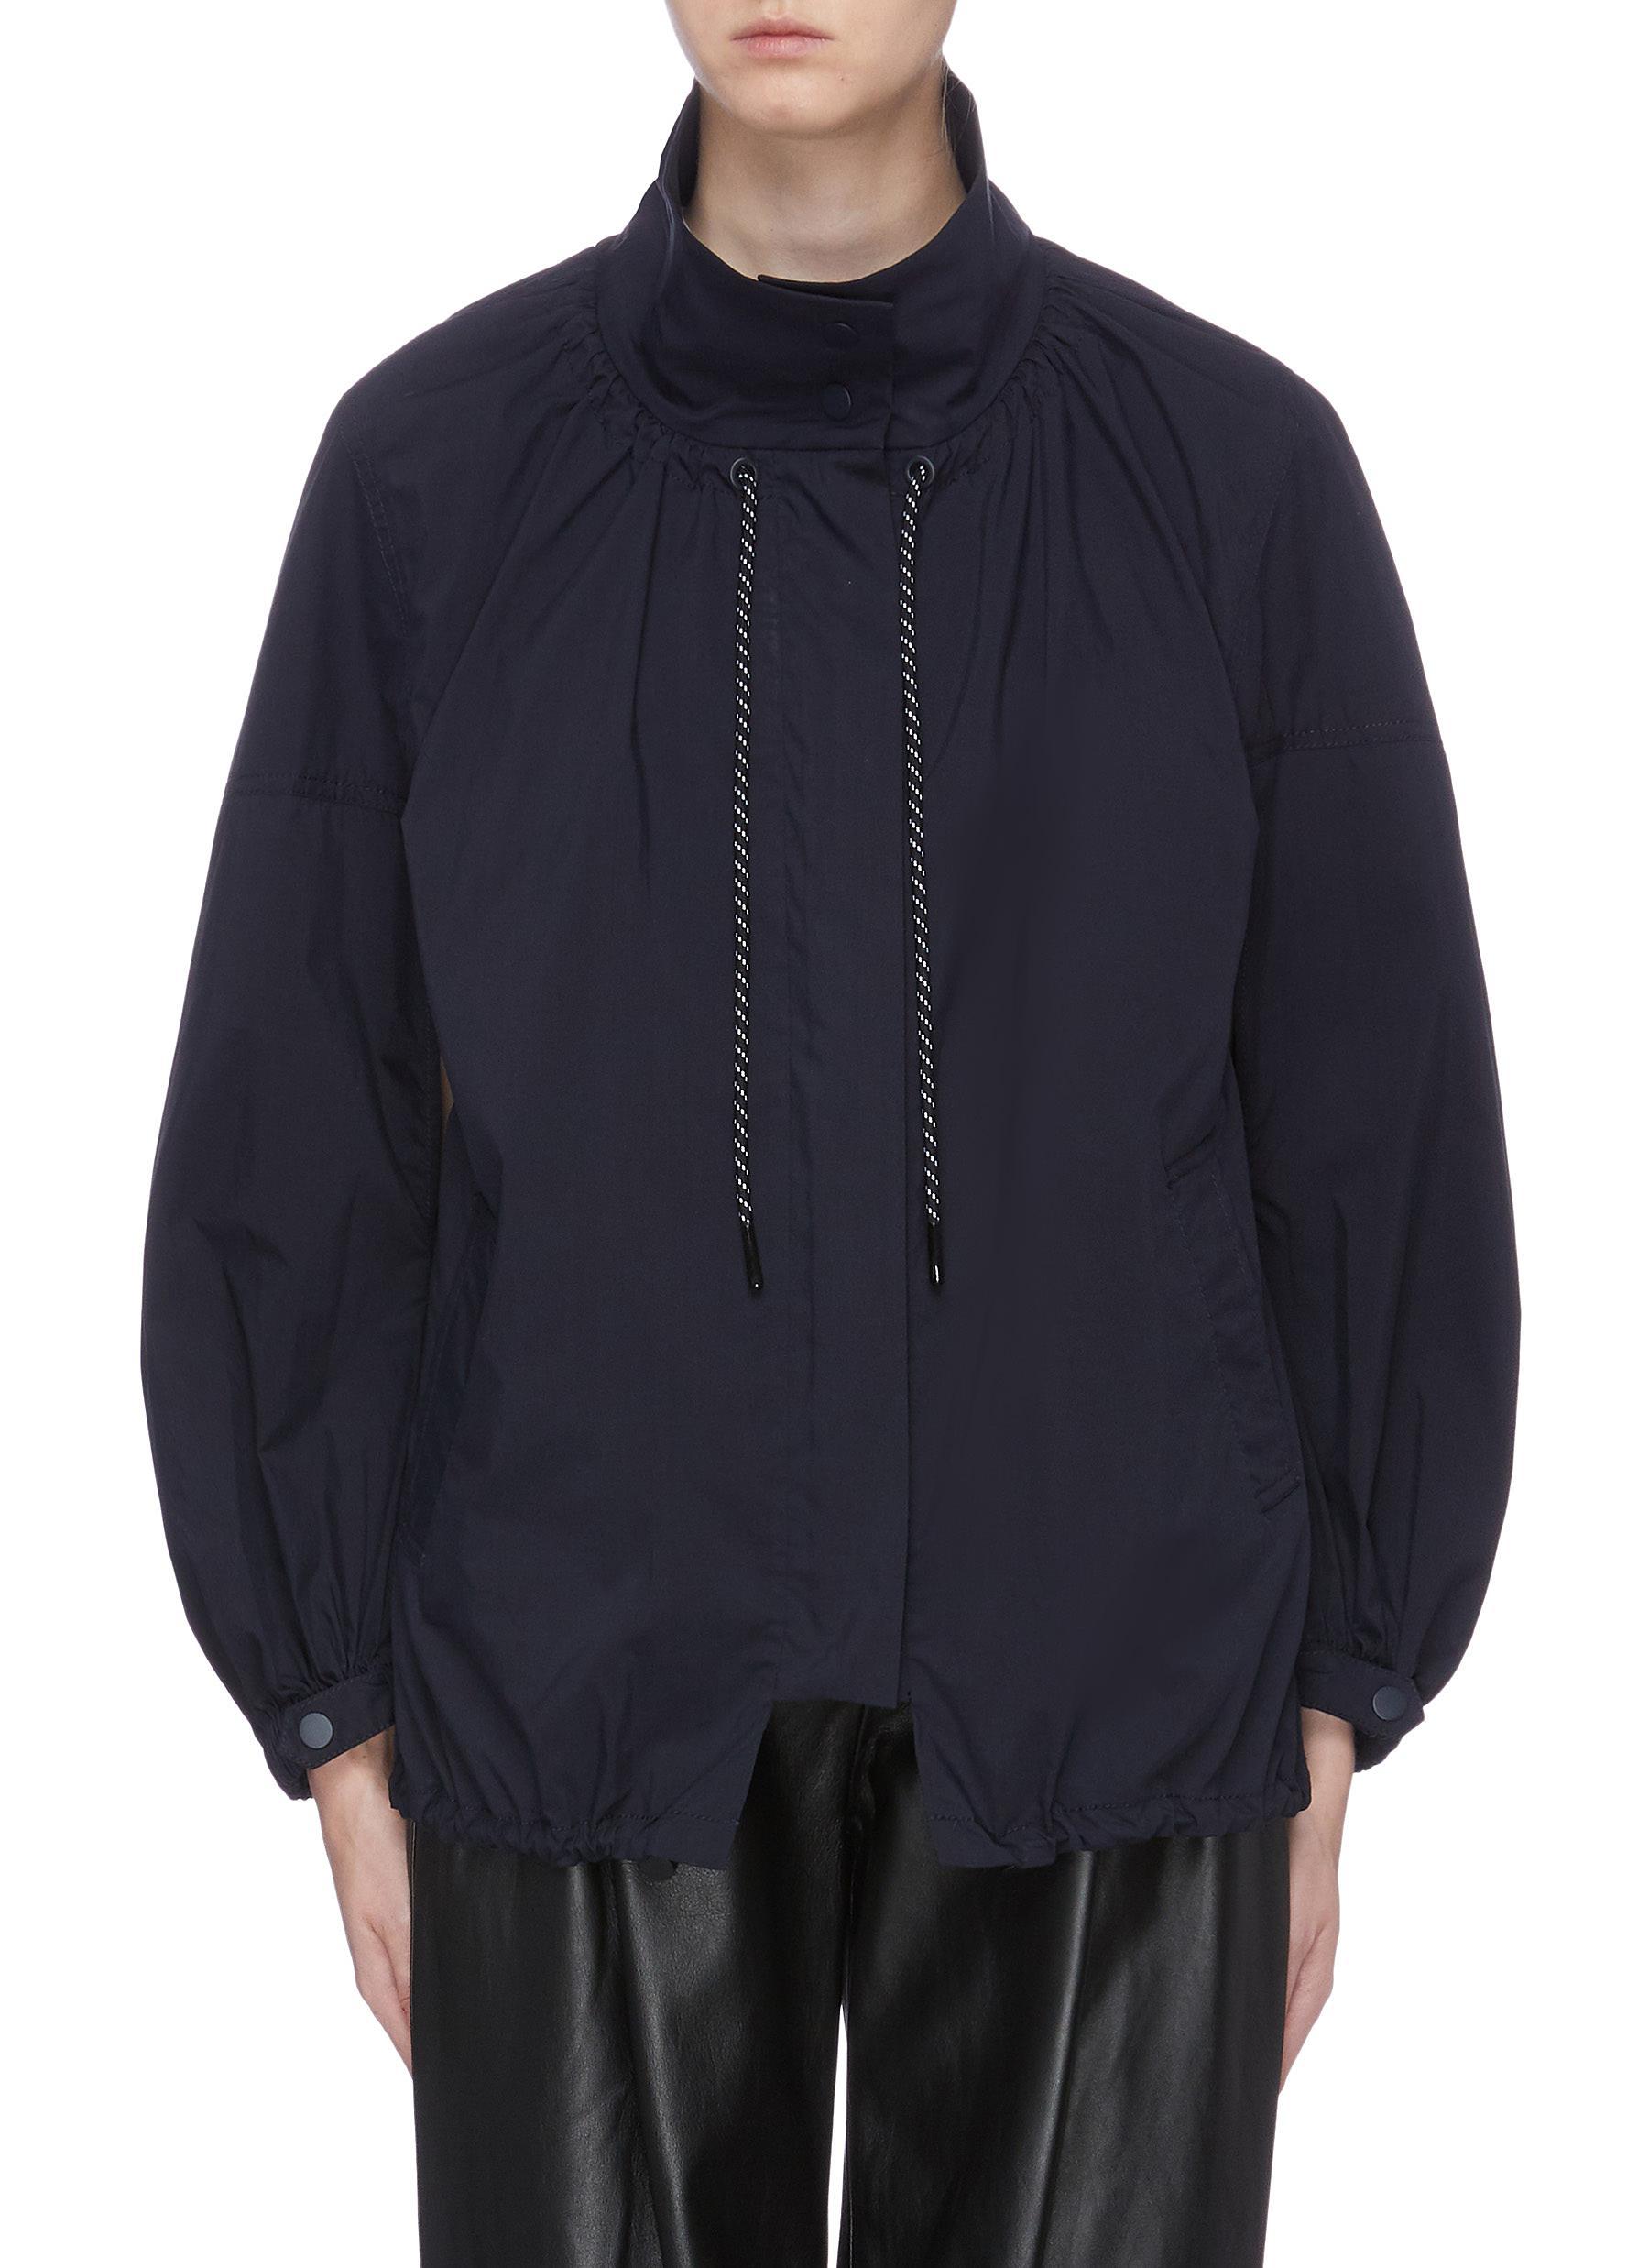 Oversized windbreaker jacket by 3.1 Phillip Lim